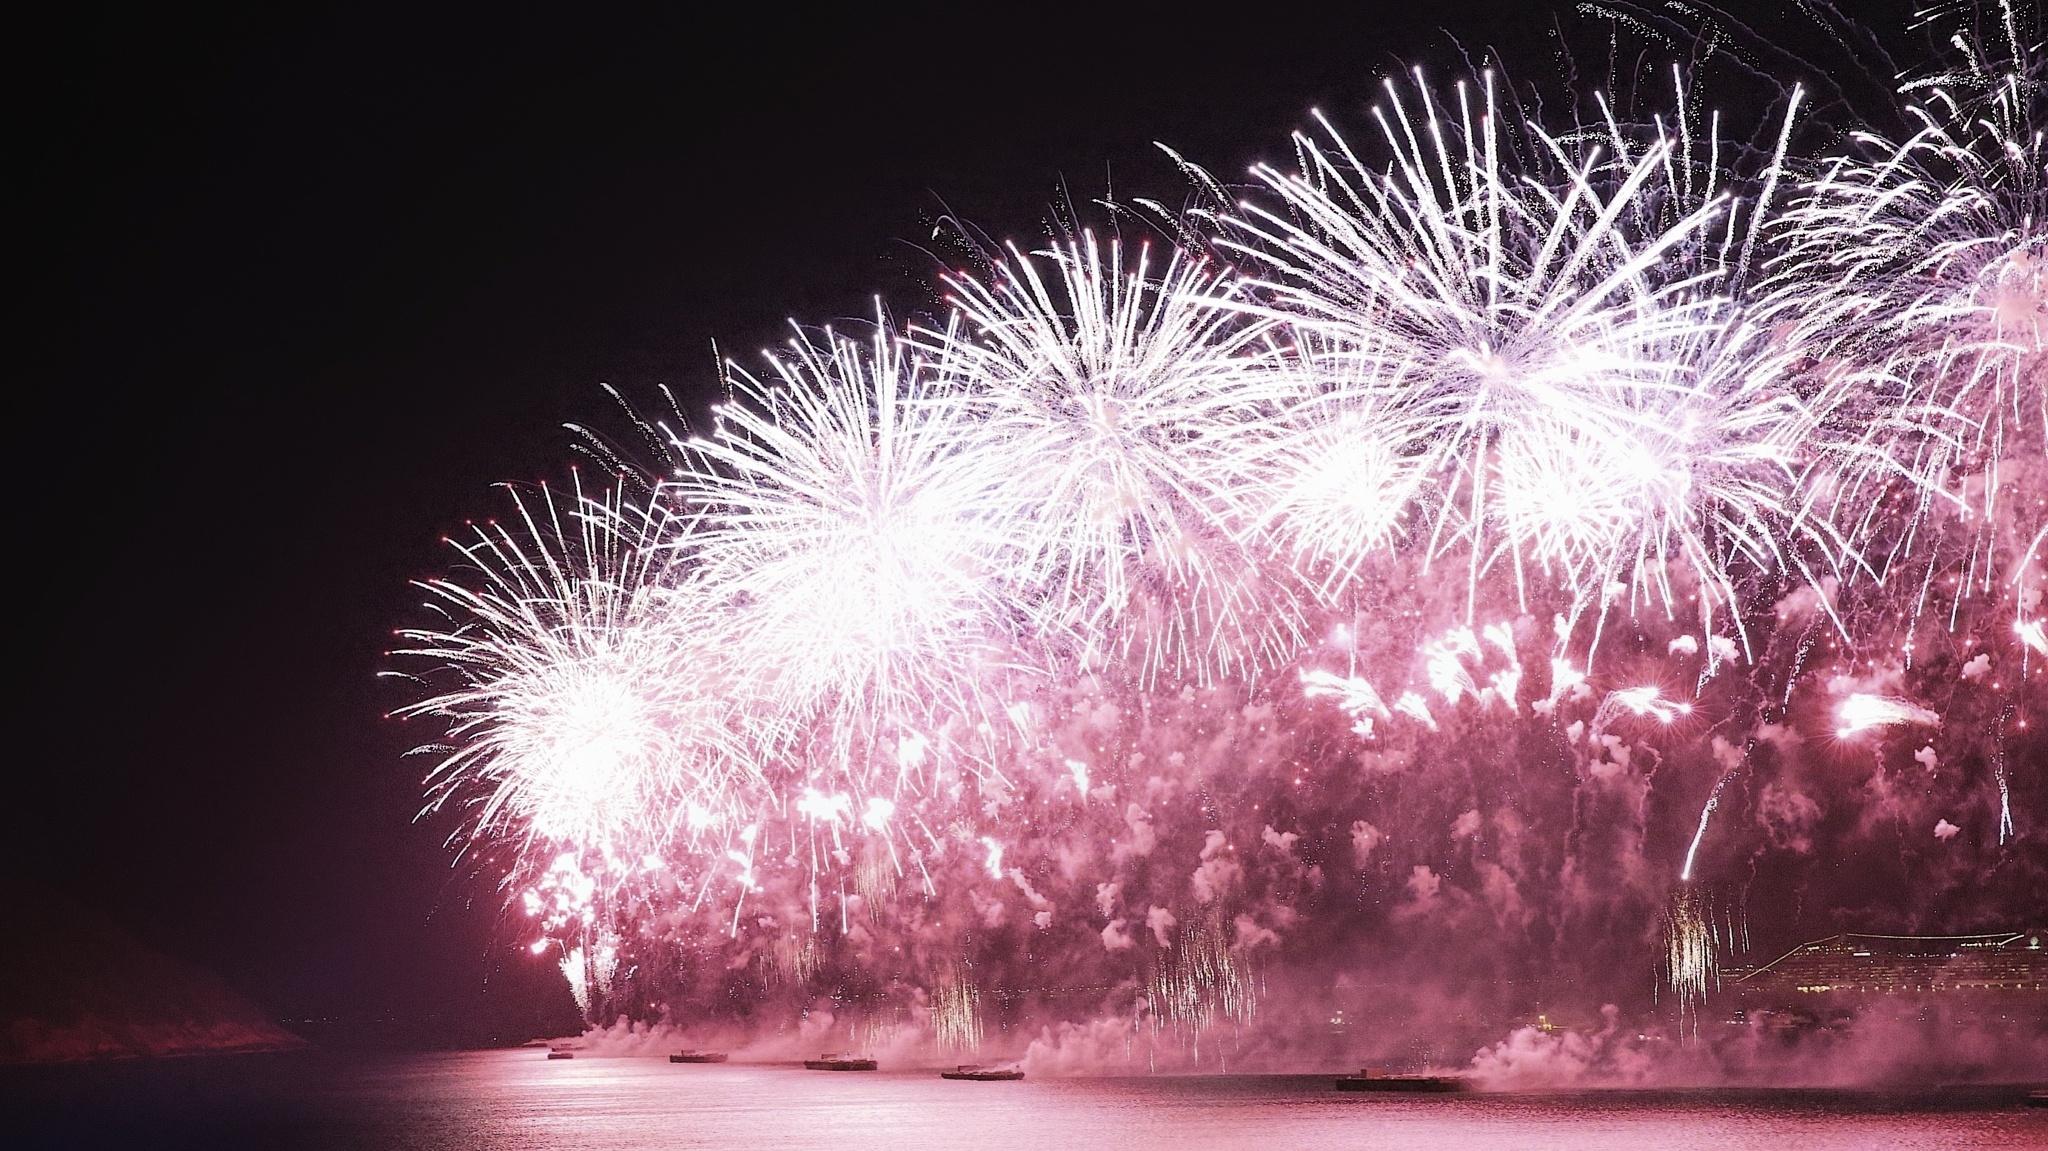 Fireworks - Copacabana - Rio by Steen Jensen / www.sjfoto.dk